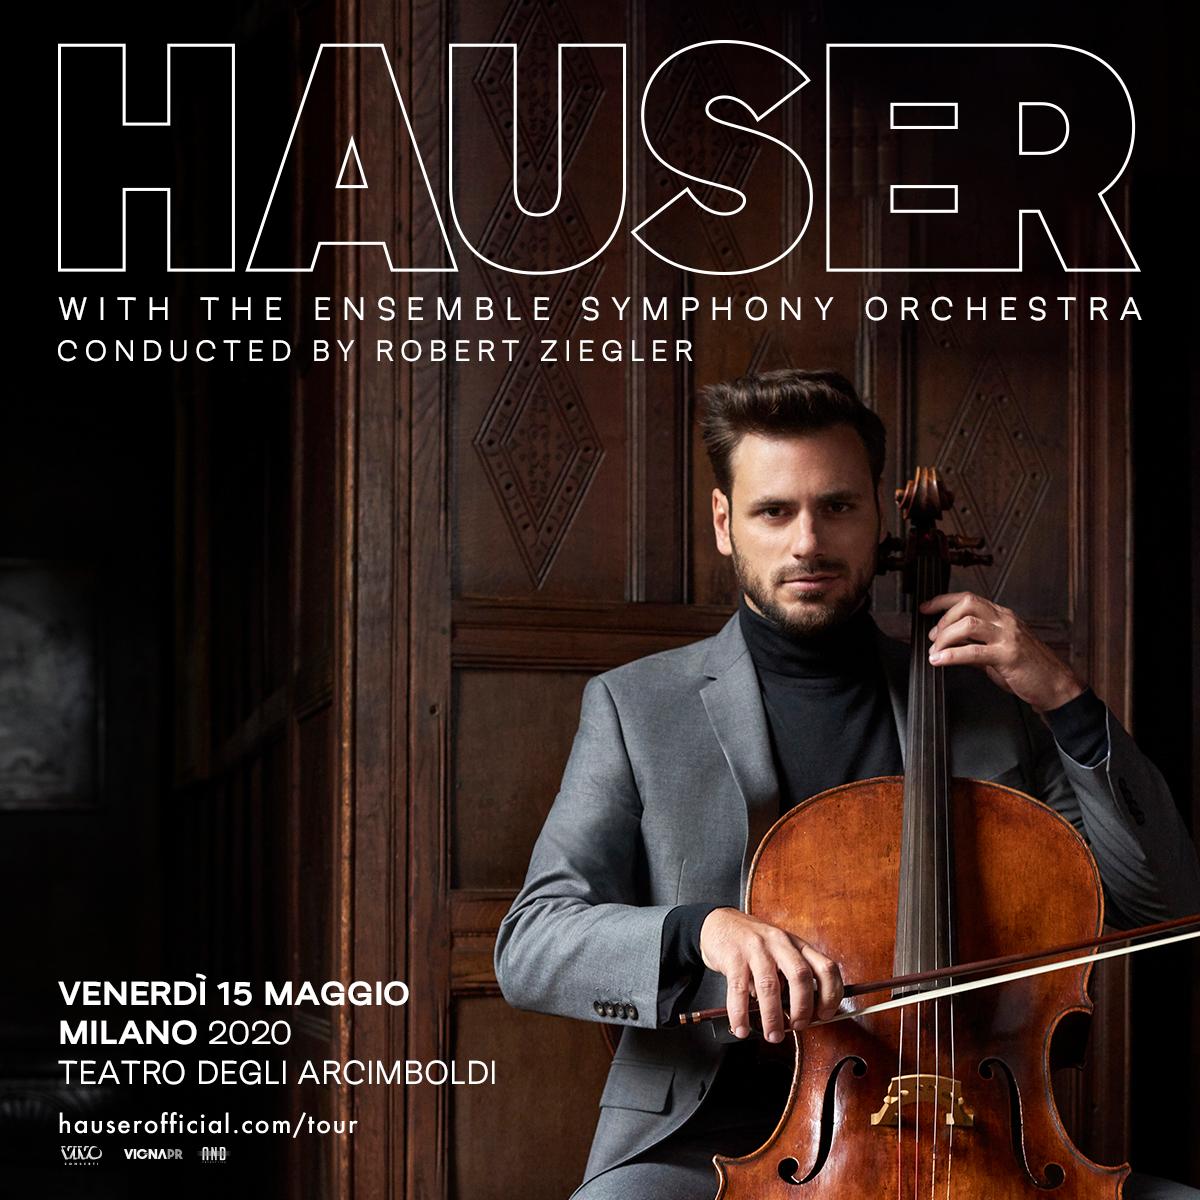 Hauser Teatro degli Arcimboldi